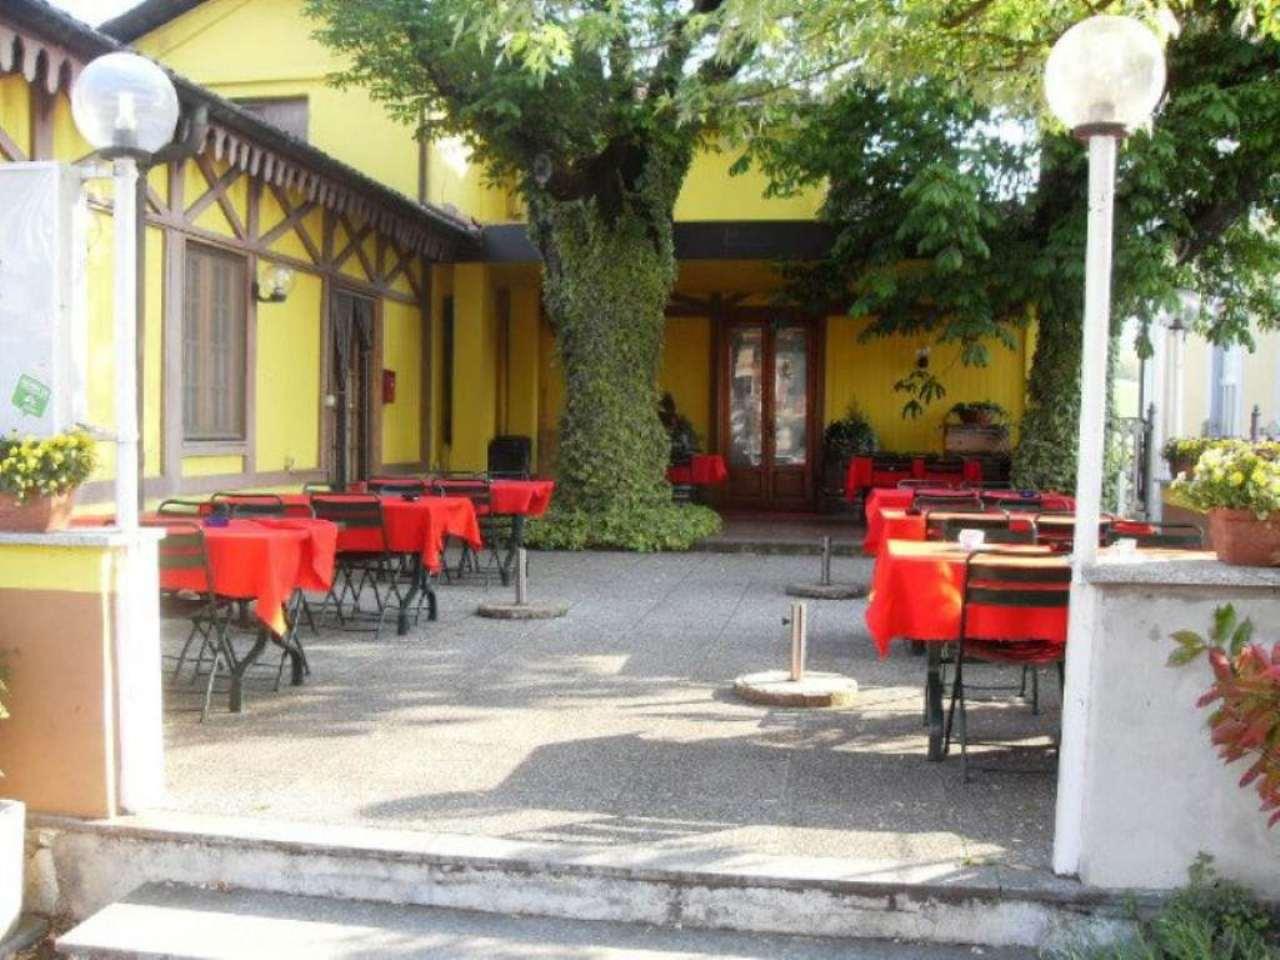 Ristorante / Pizzeria / Trattoria in vendita a Montegrosso d'Asti, 9 locali, prezzo € 110.000 | Cambio Casa.it